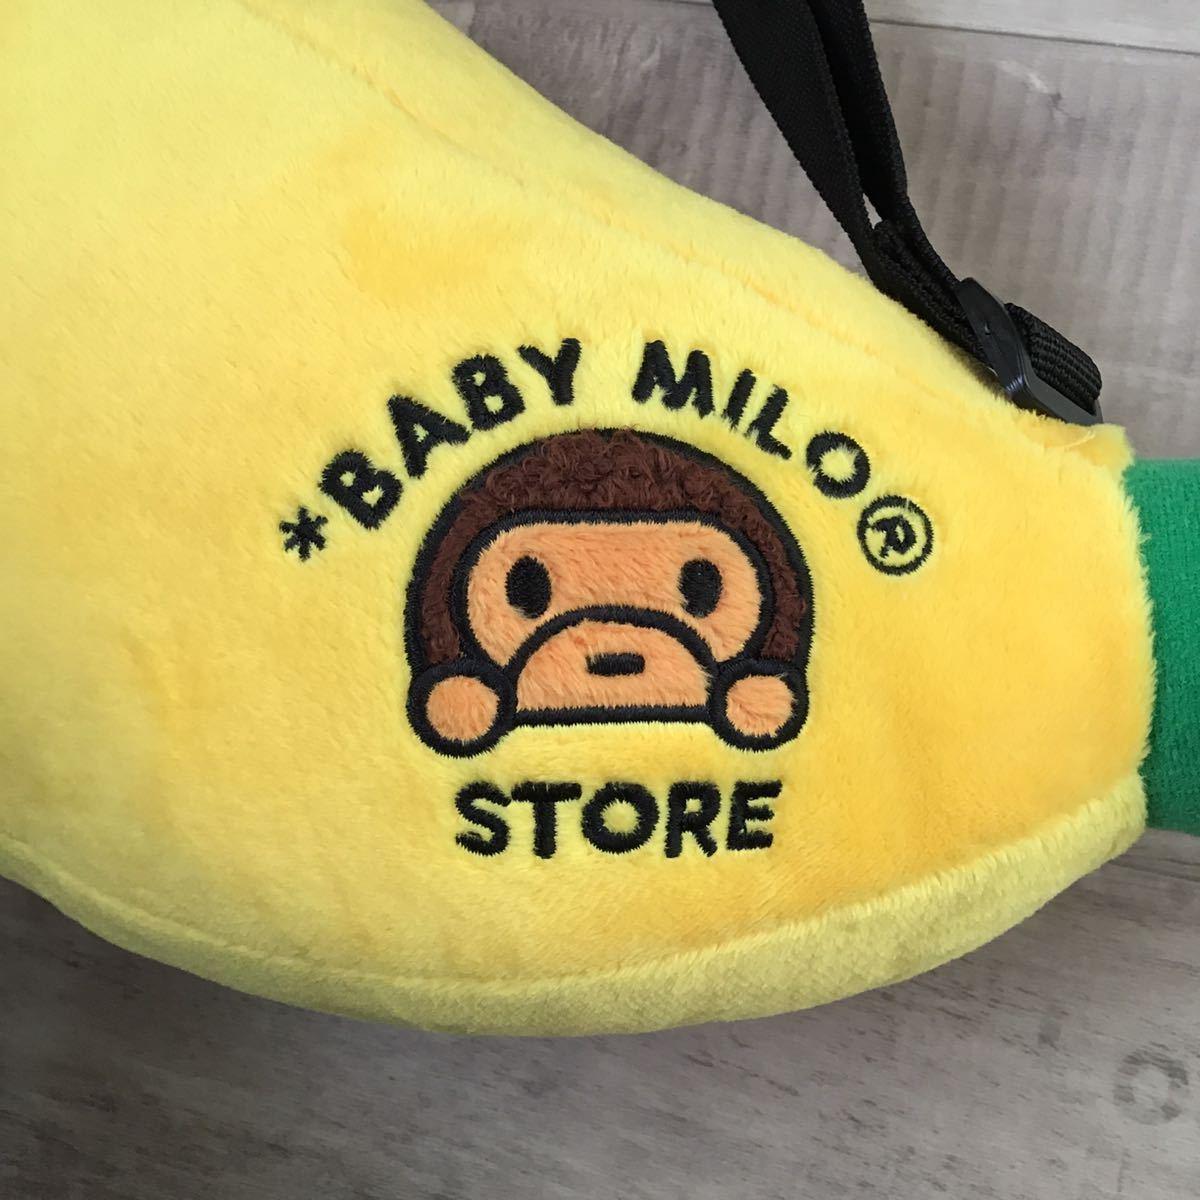 ★新品★ milo banana plush doll shoulder bag a bathing ape BAPE バナナ ショルダー バッグ エイプ ベイプ アベイシングエイプ